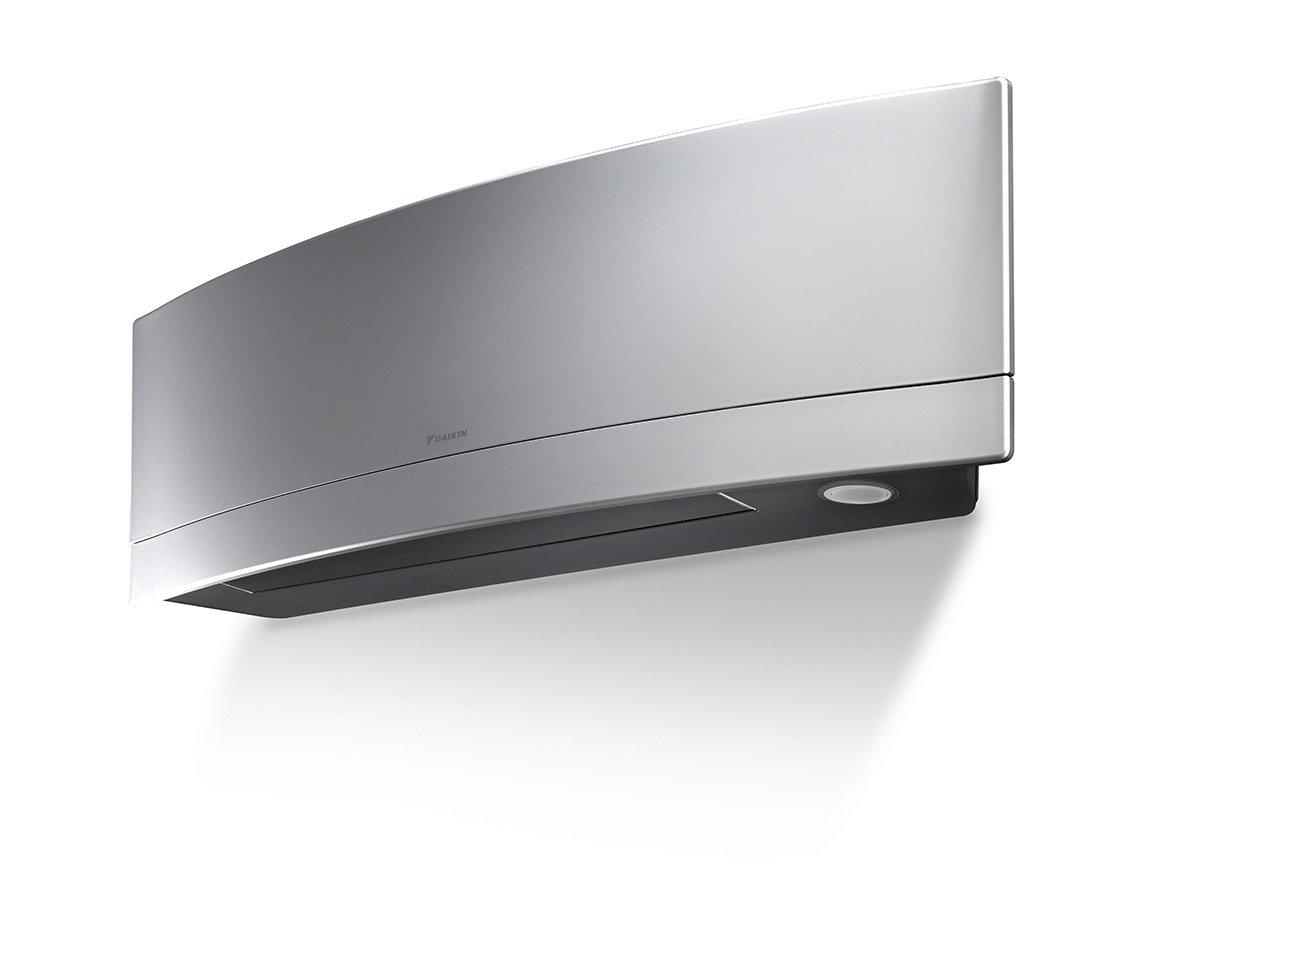 Il Climatizzatore Nivos 25 Mudo Di Ariston Si Gestisce Tramite Smartphone  Permettendo Di Controllare La Temperatura In Ogni Momento, Anche Da Fuori  Casa, ...